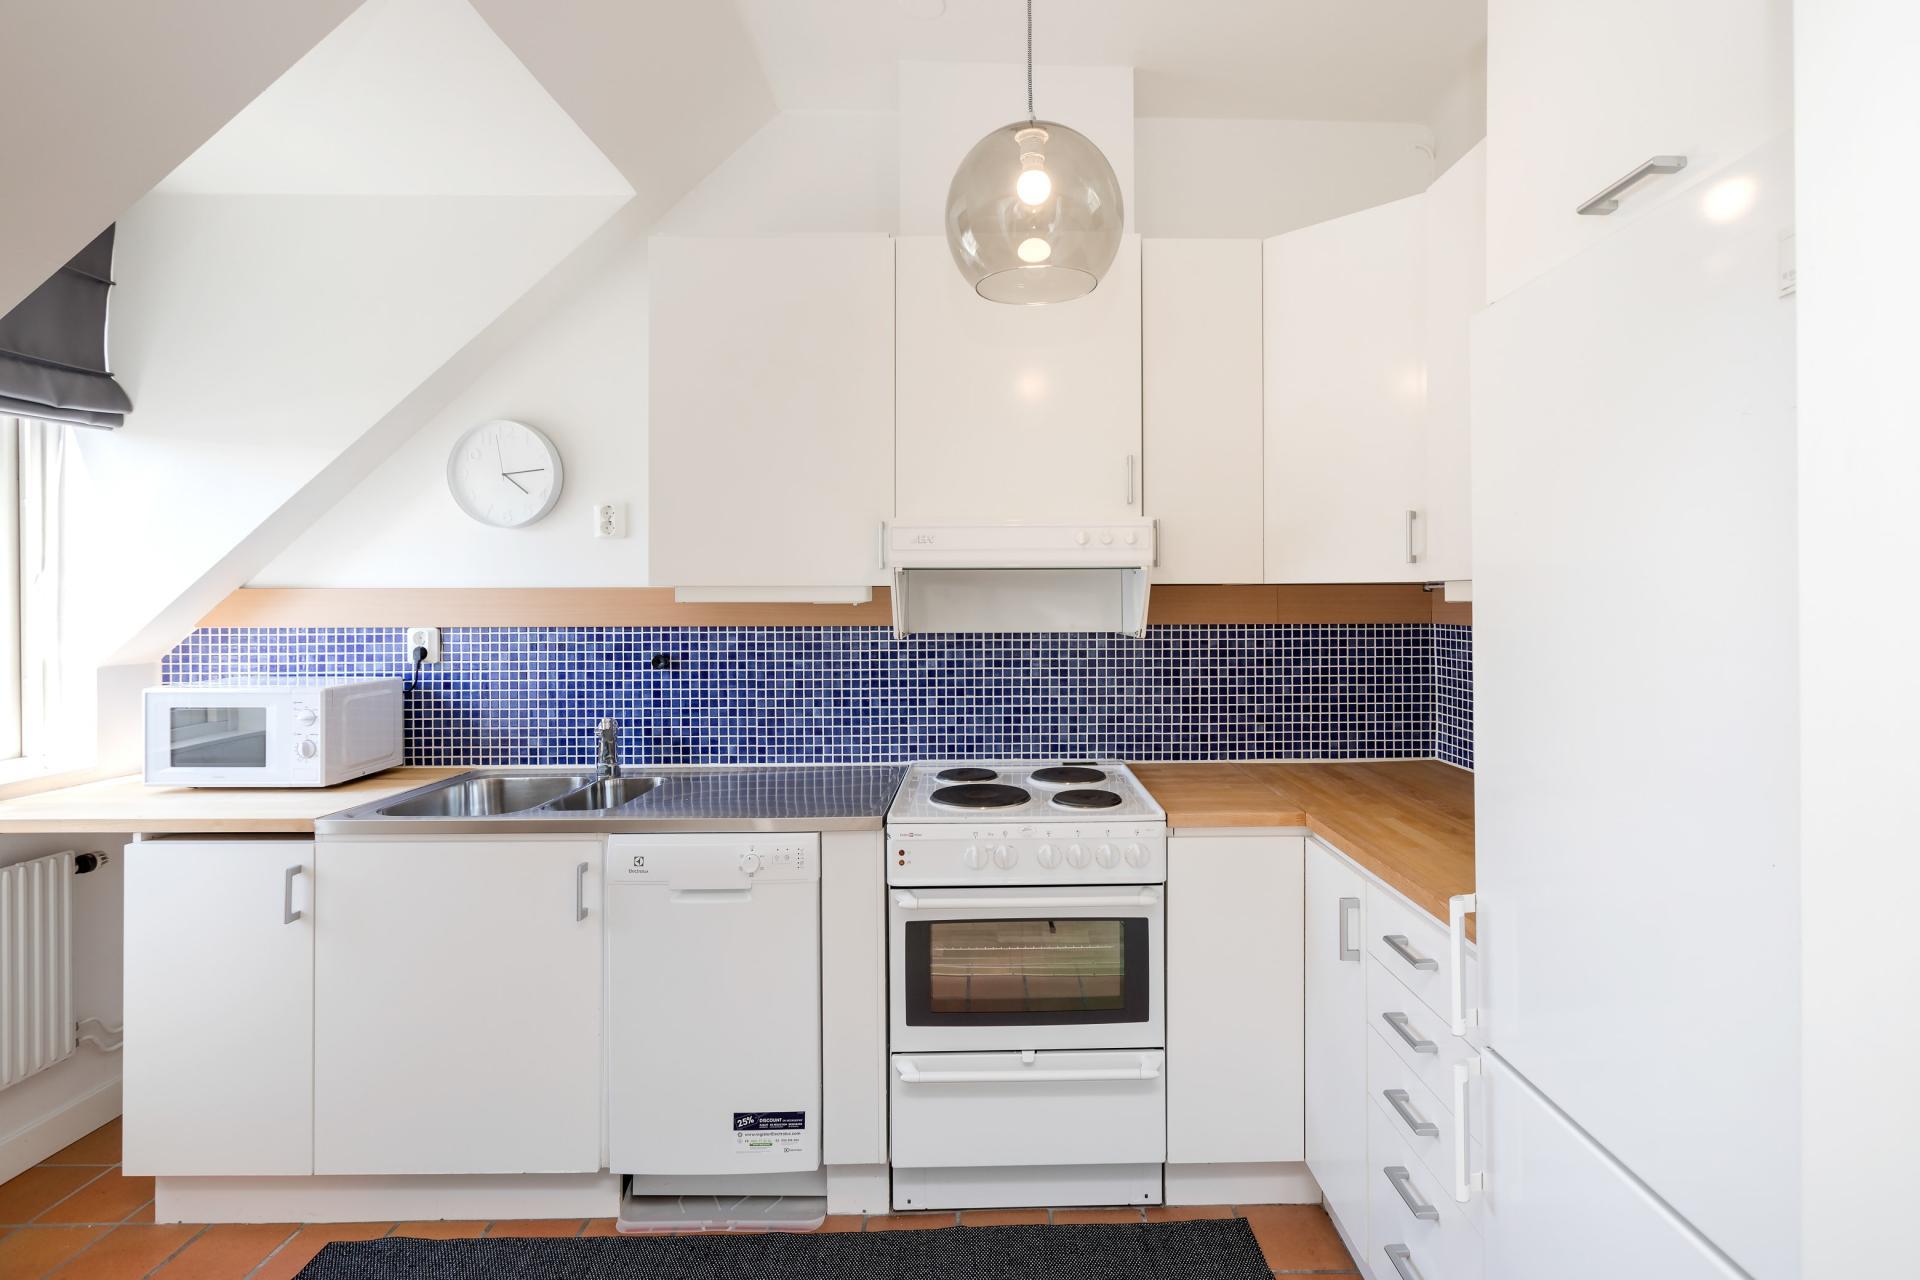 Kitchen at Nybergsgatan Apartments